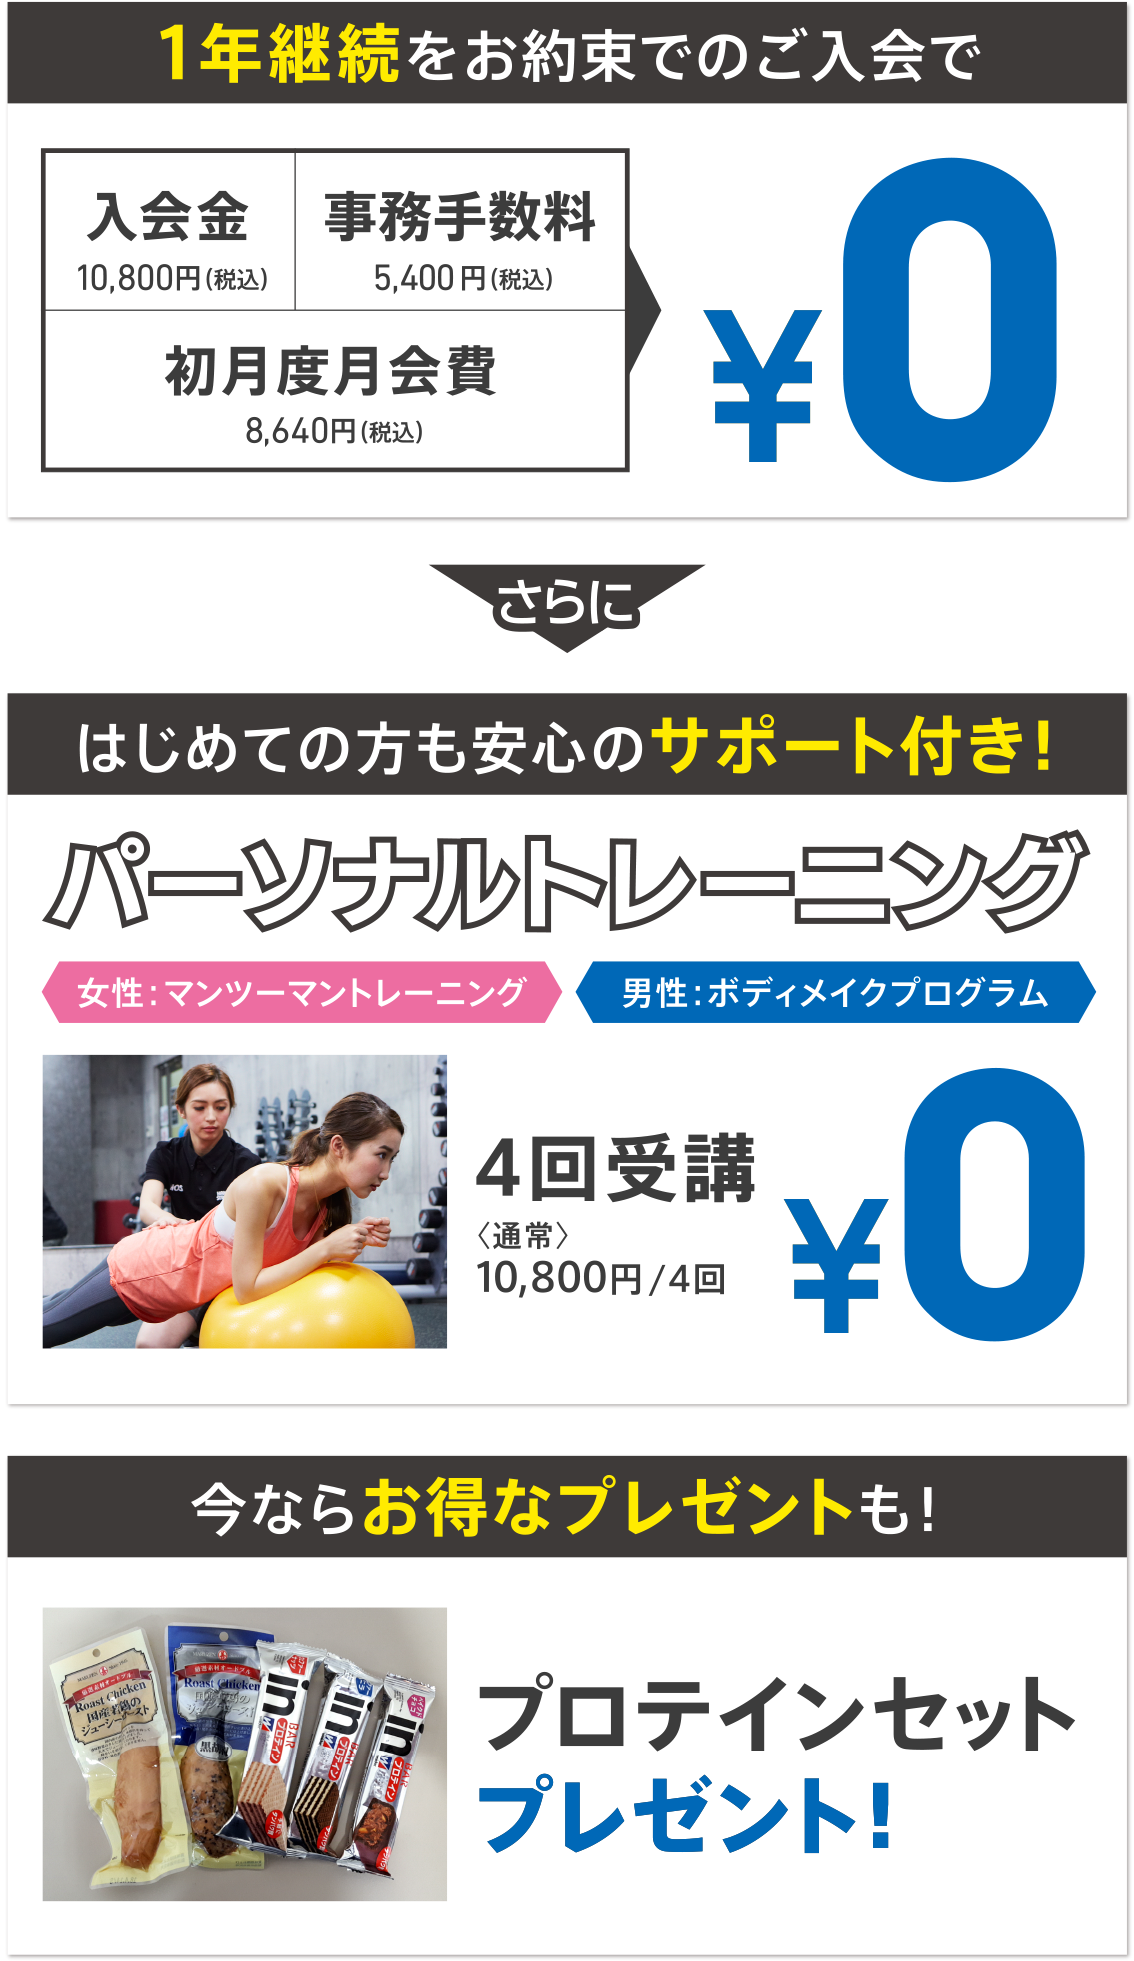 201808-campaign-02